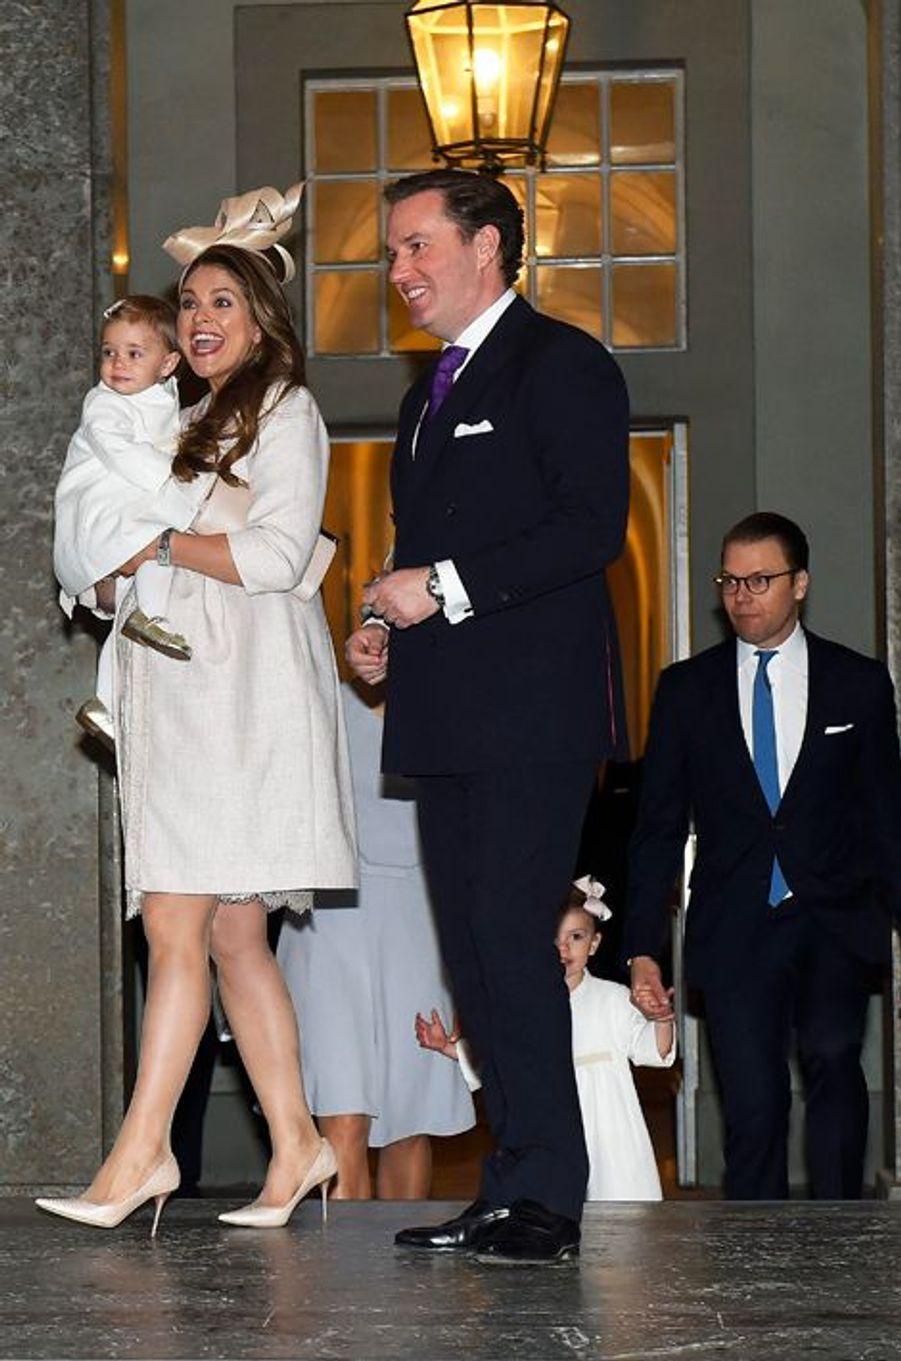 Les princesses Madeleine et Leonor avec Christopher O'Neill dans la Chapelle royale de Stockholm, le 17 mai 2015